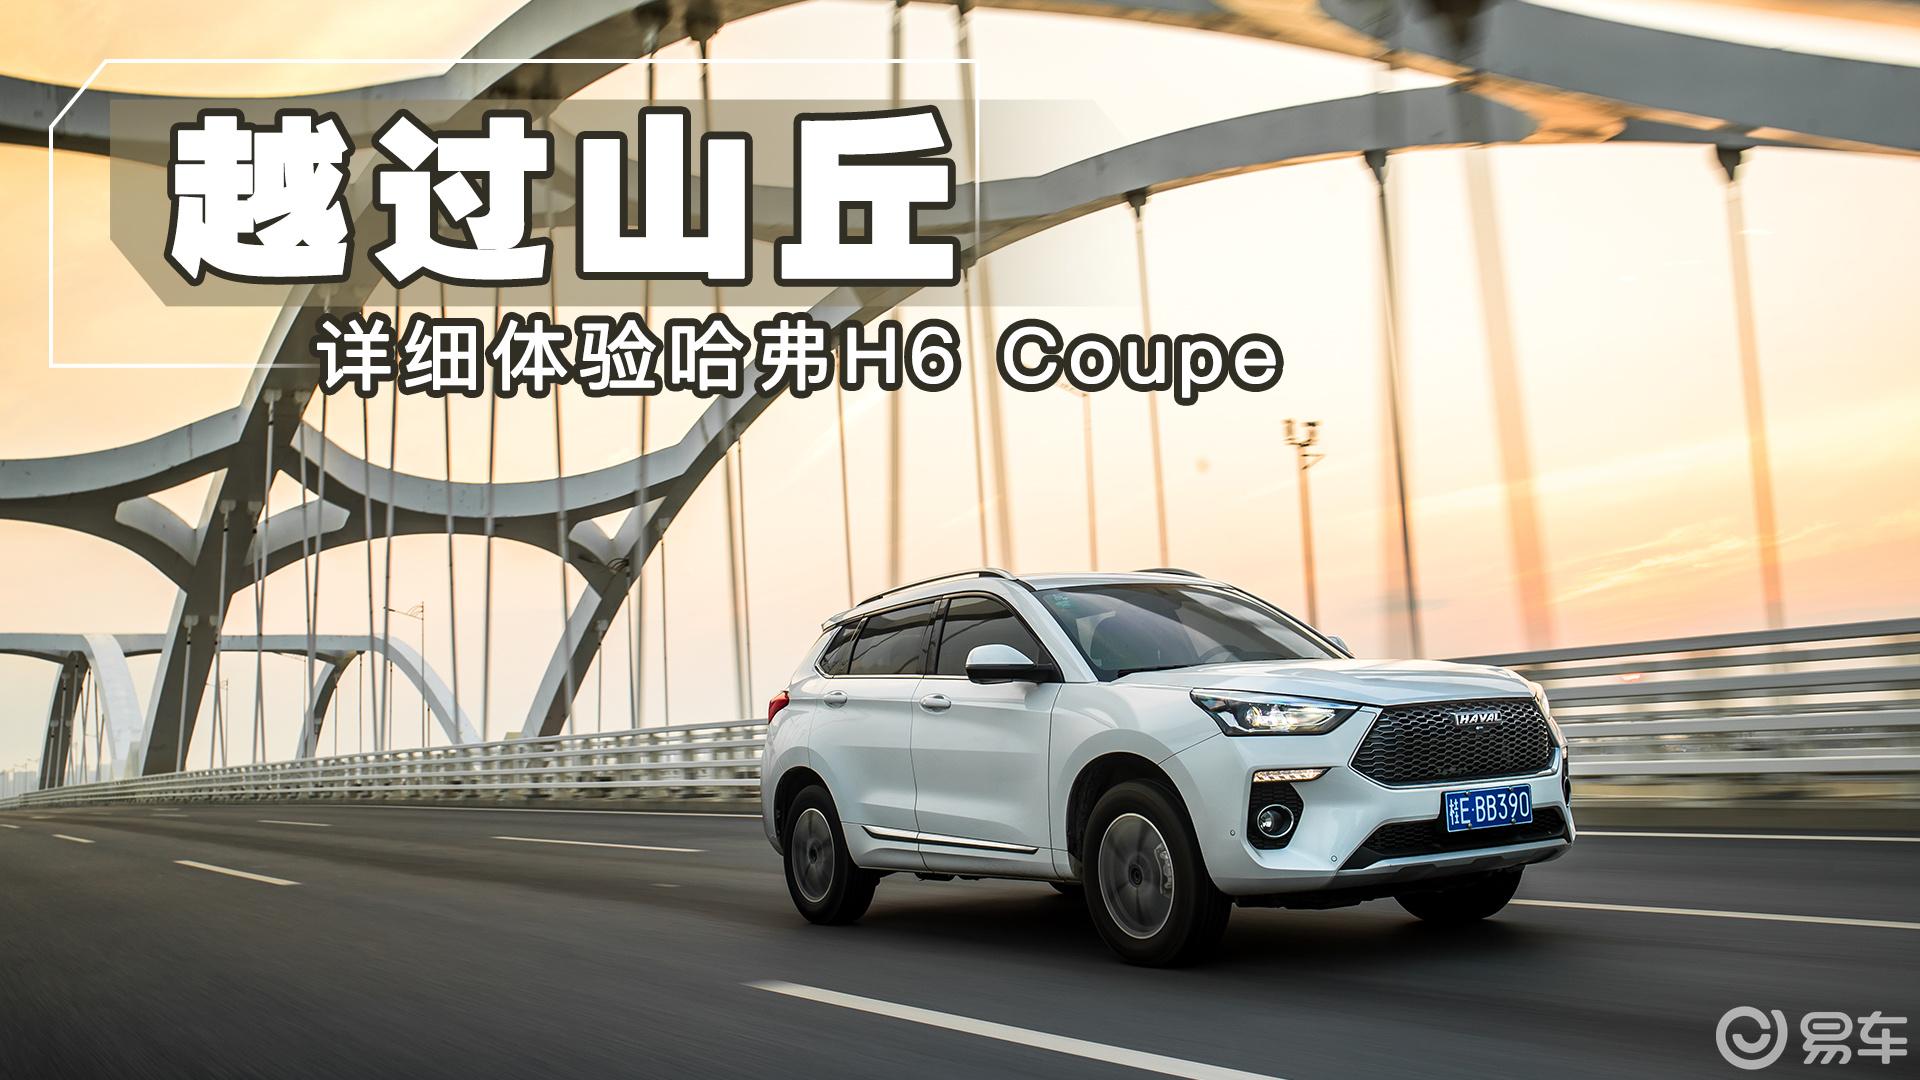 【菲常体验】越过山丘 详细体验新哈弗H6 Coupe